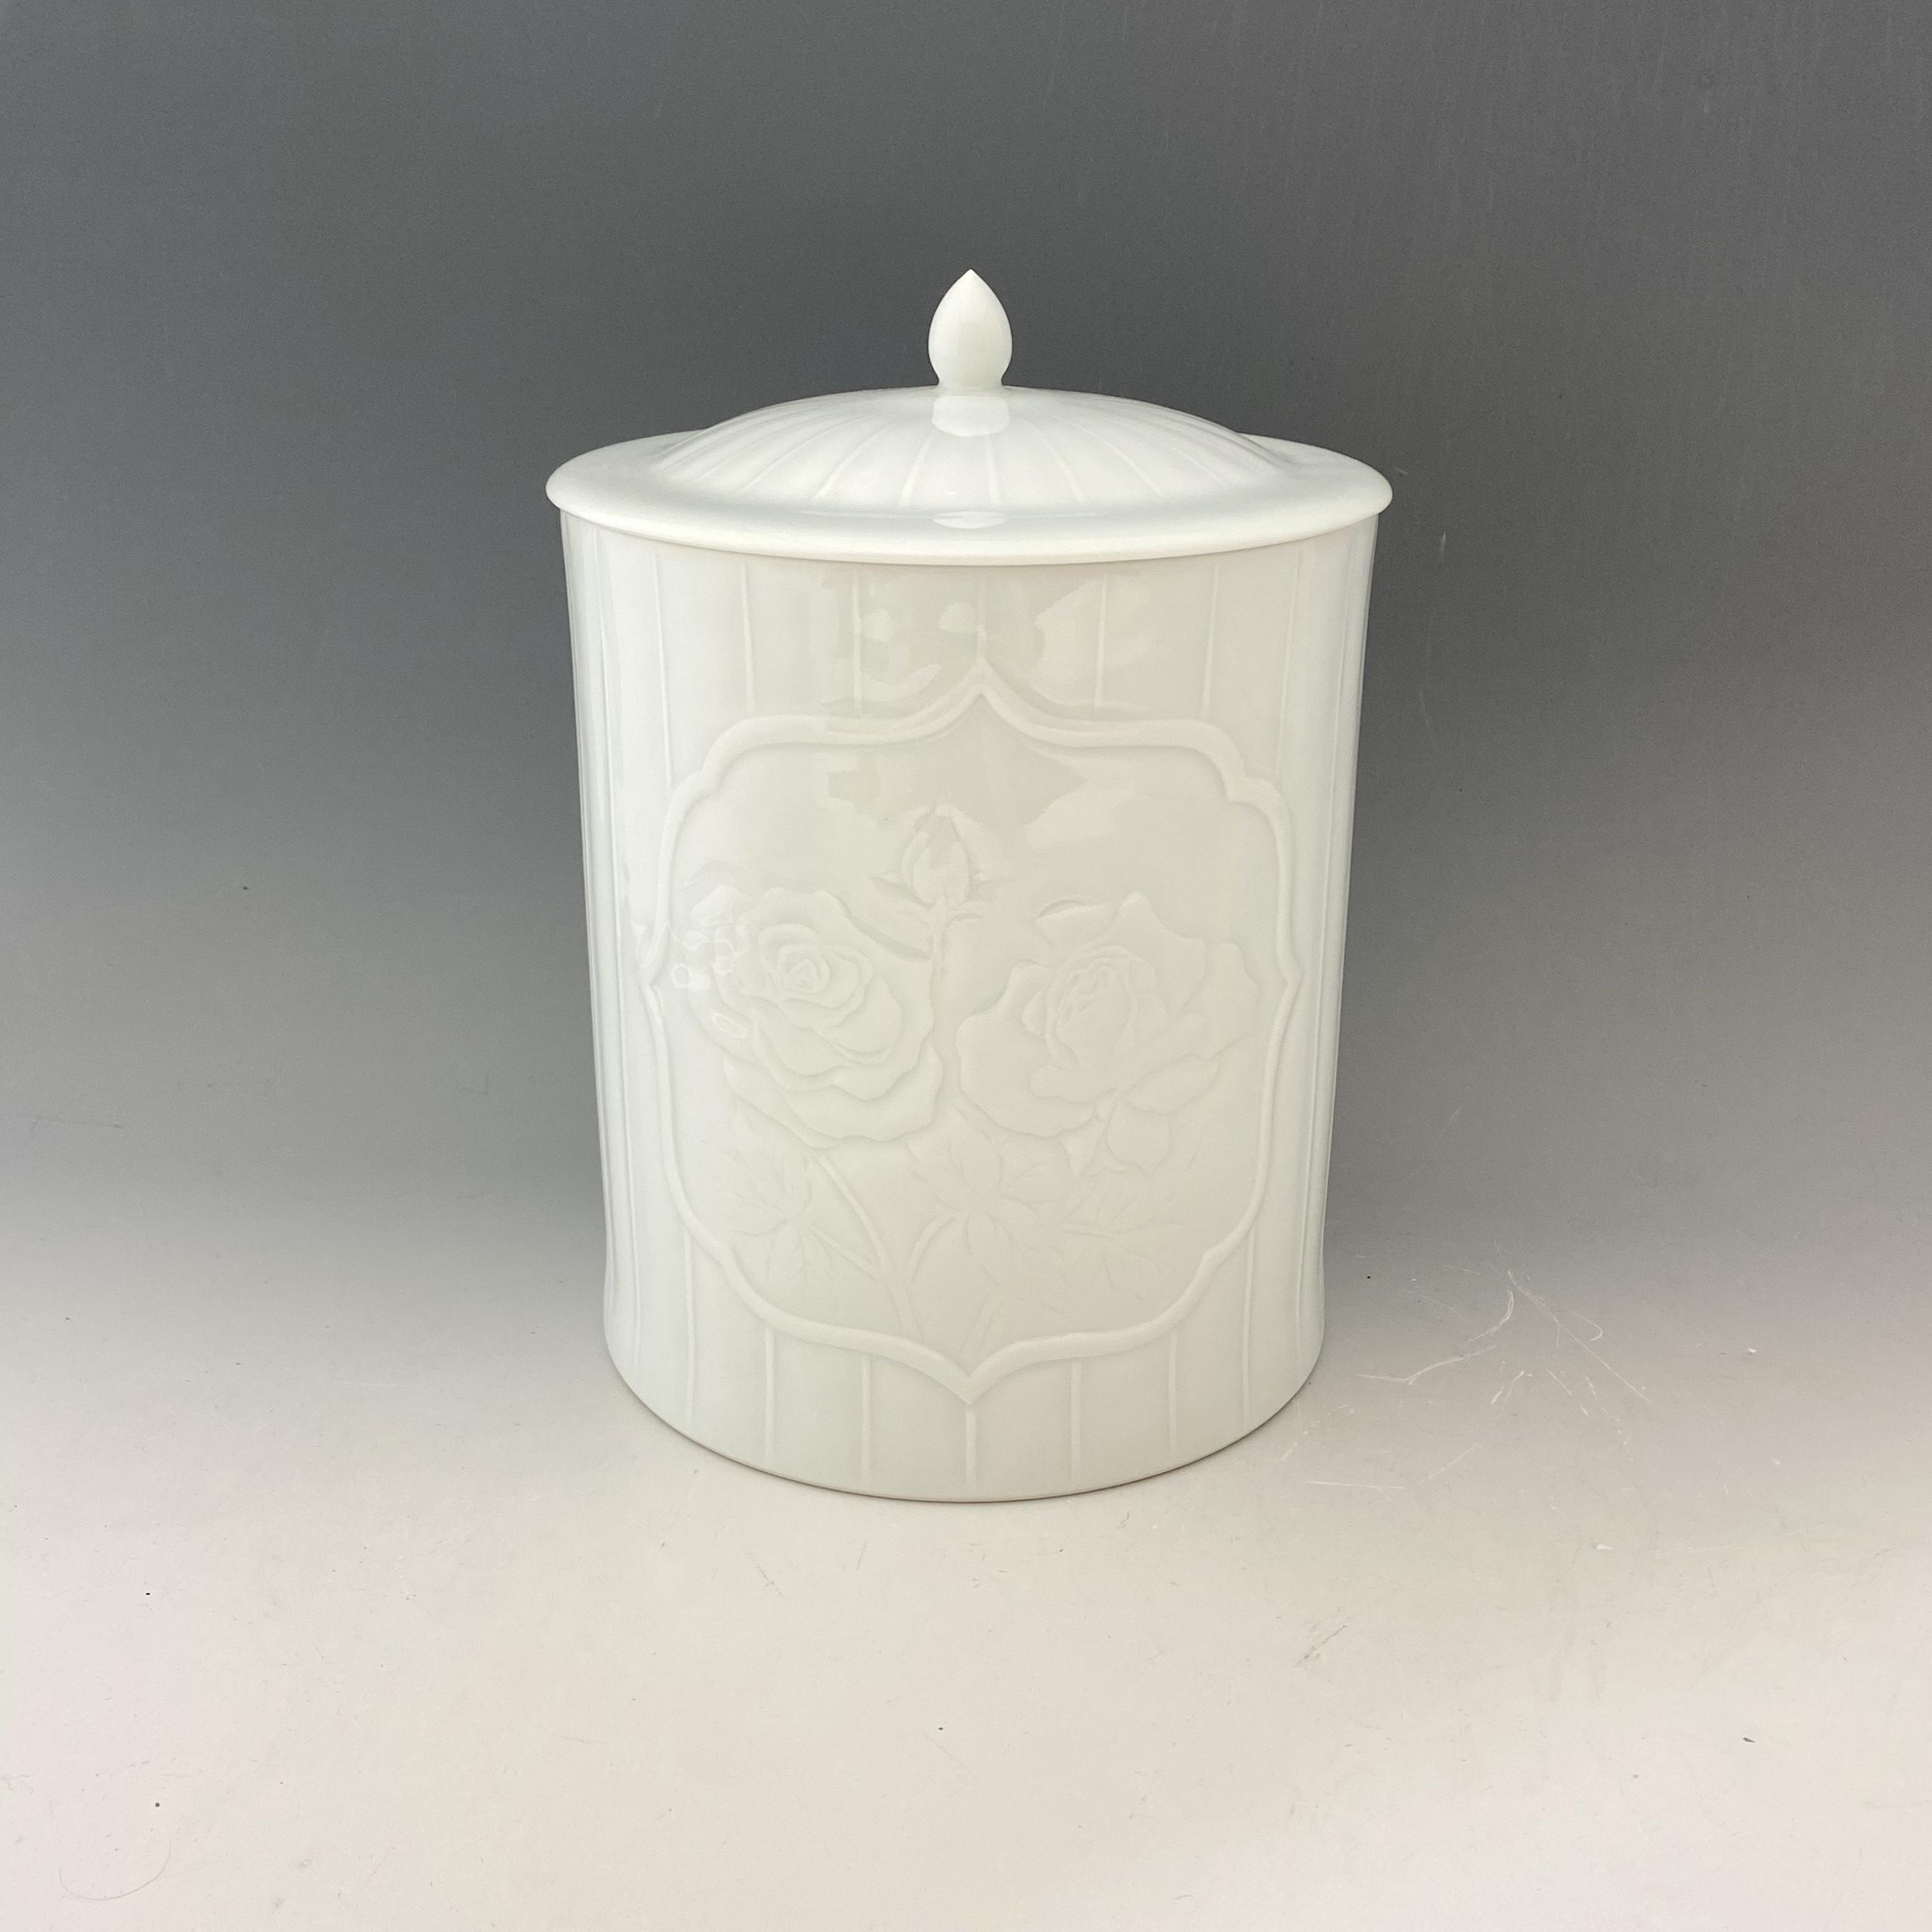 【中尾恭純】白磁線彫薔薇文骨壺